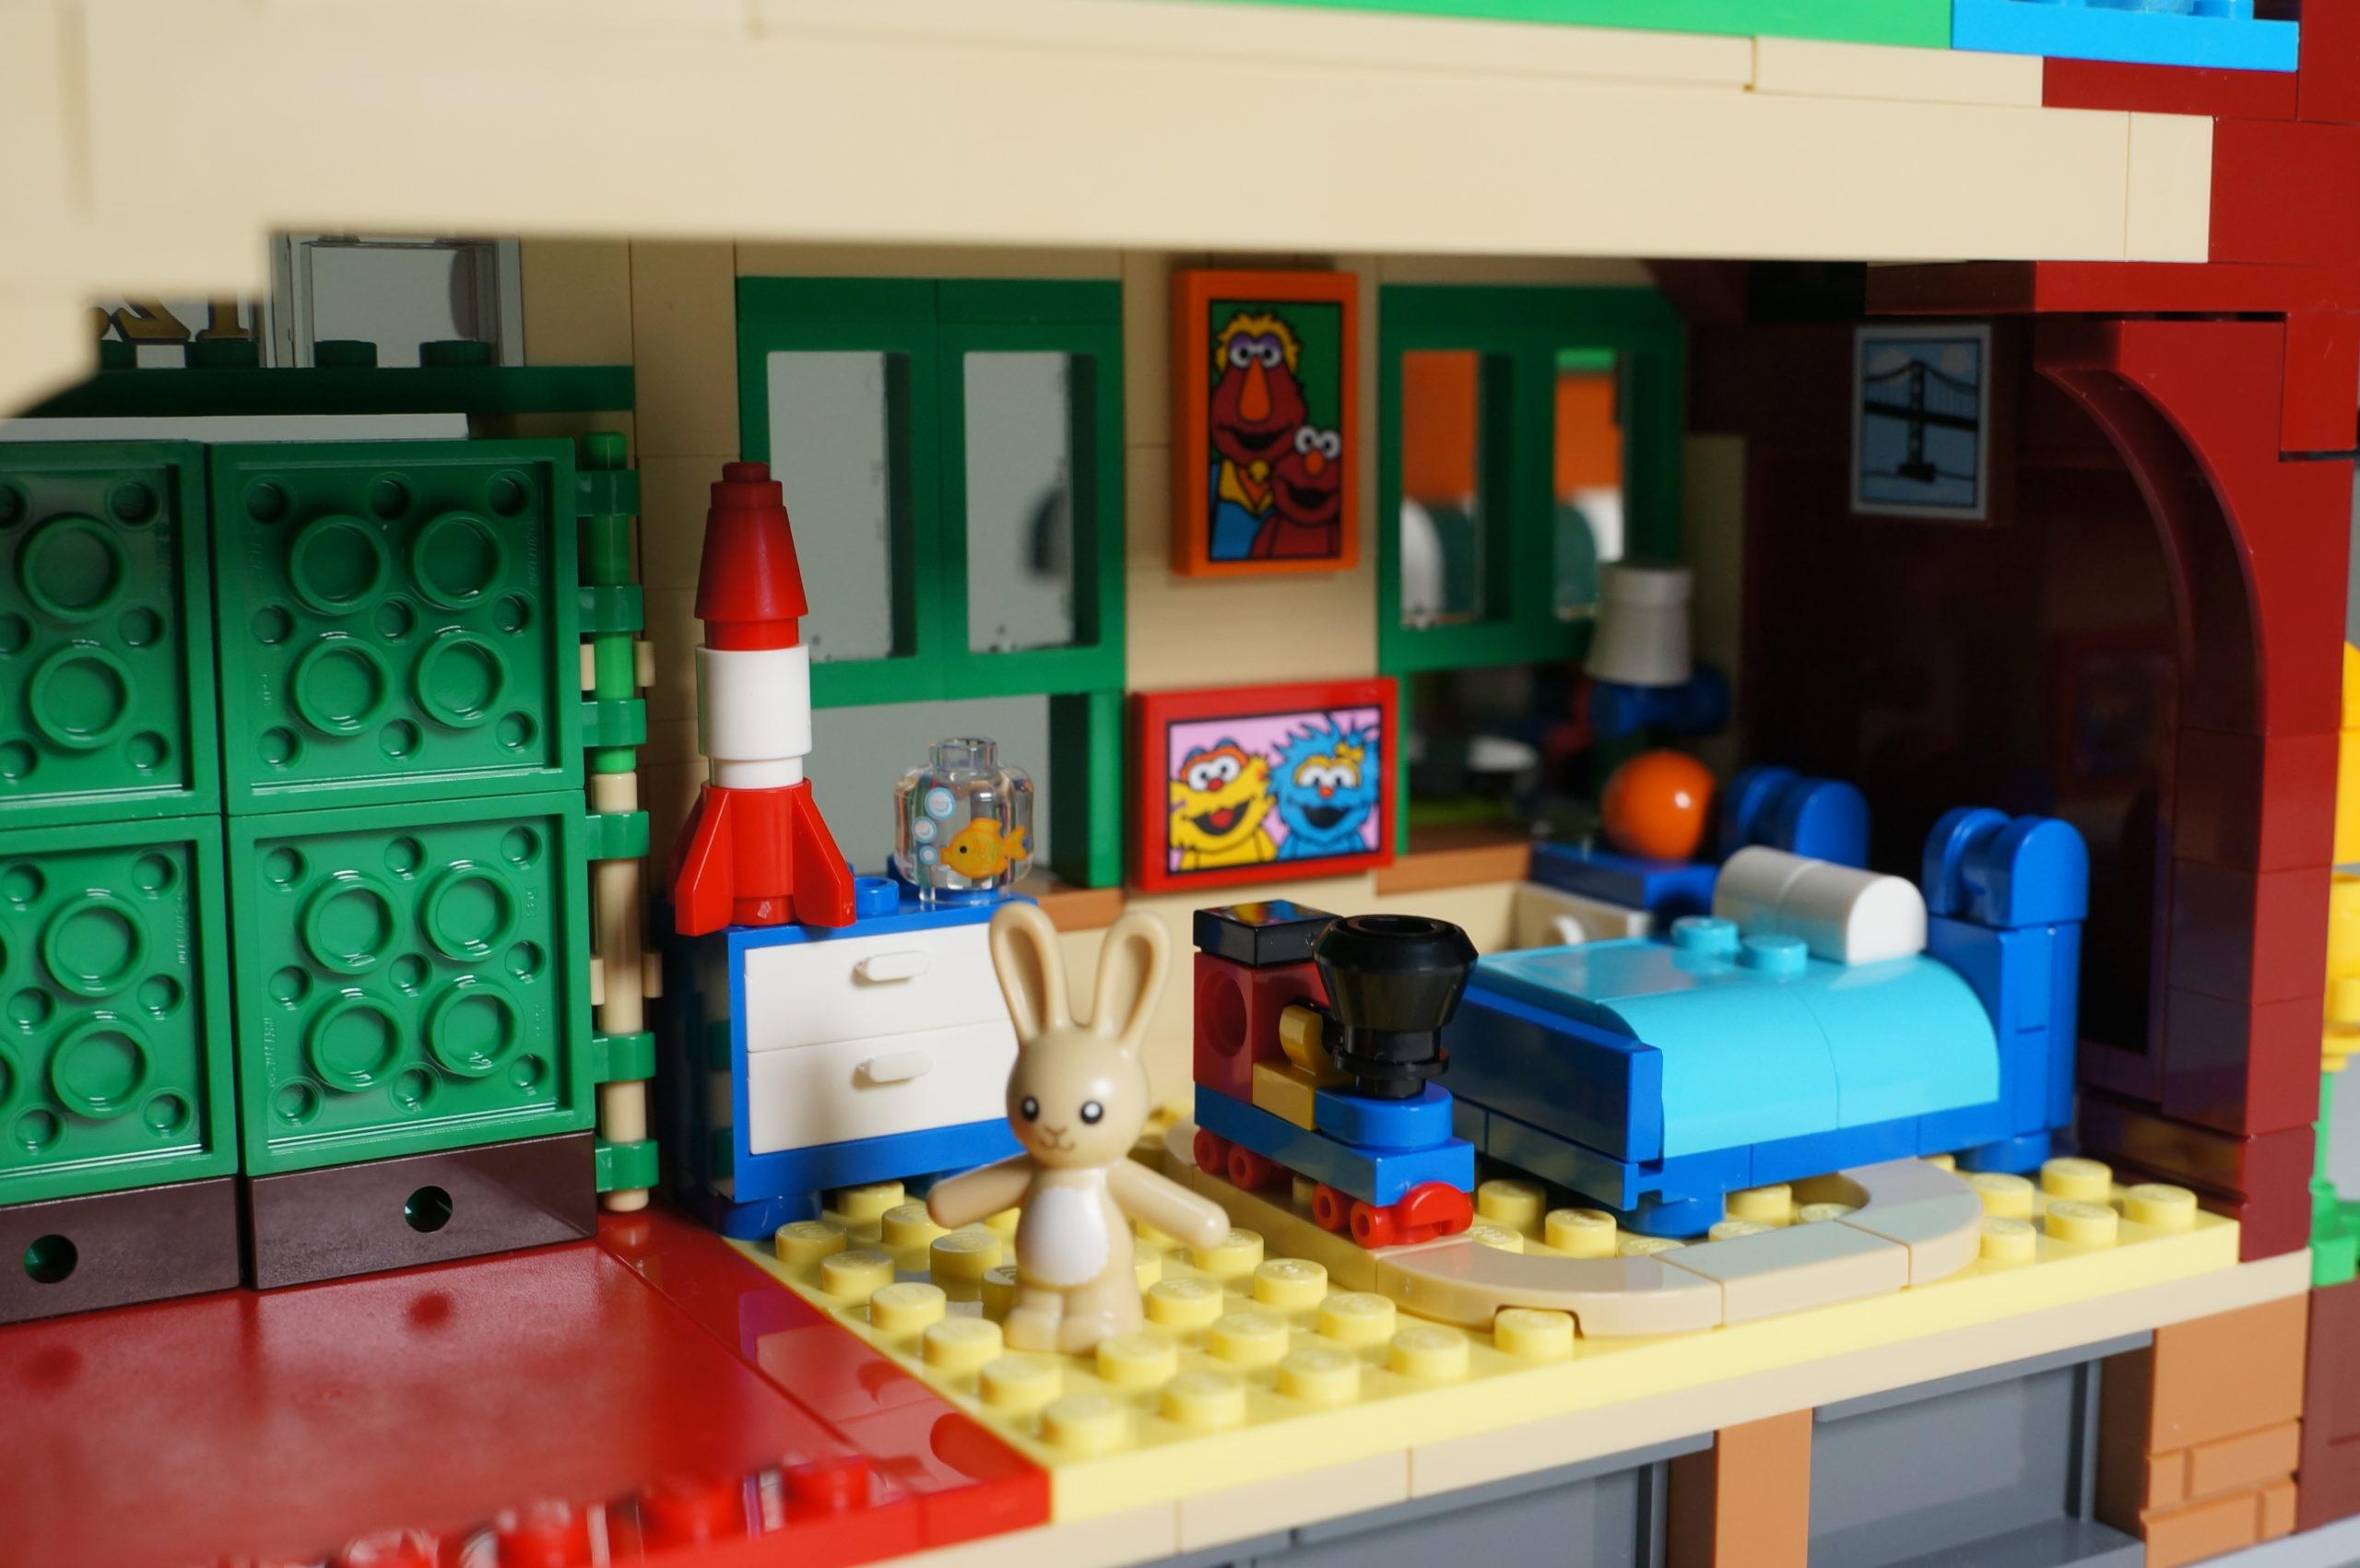 Elmo room empty